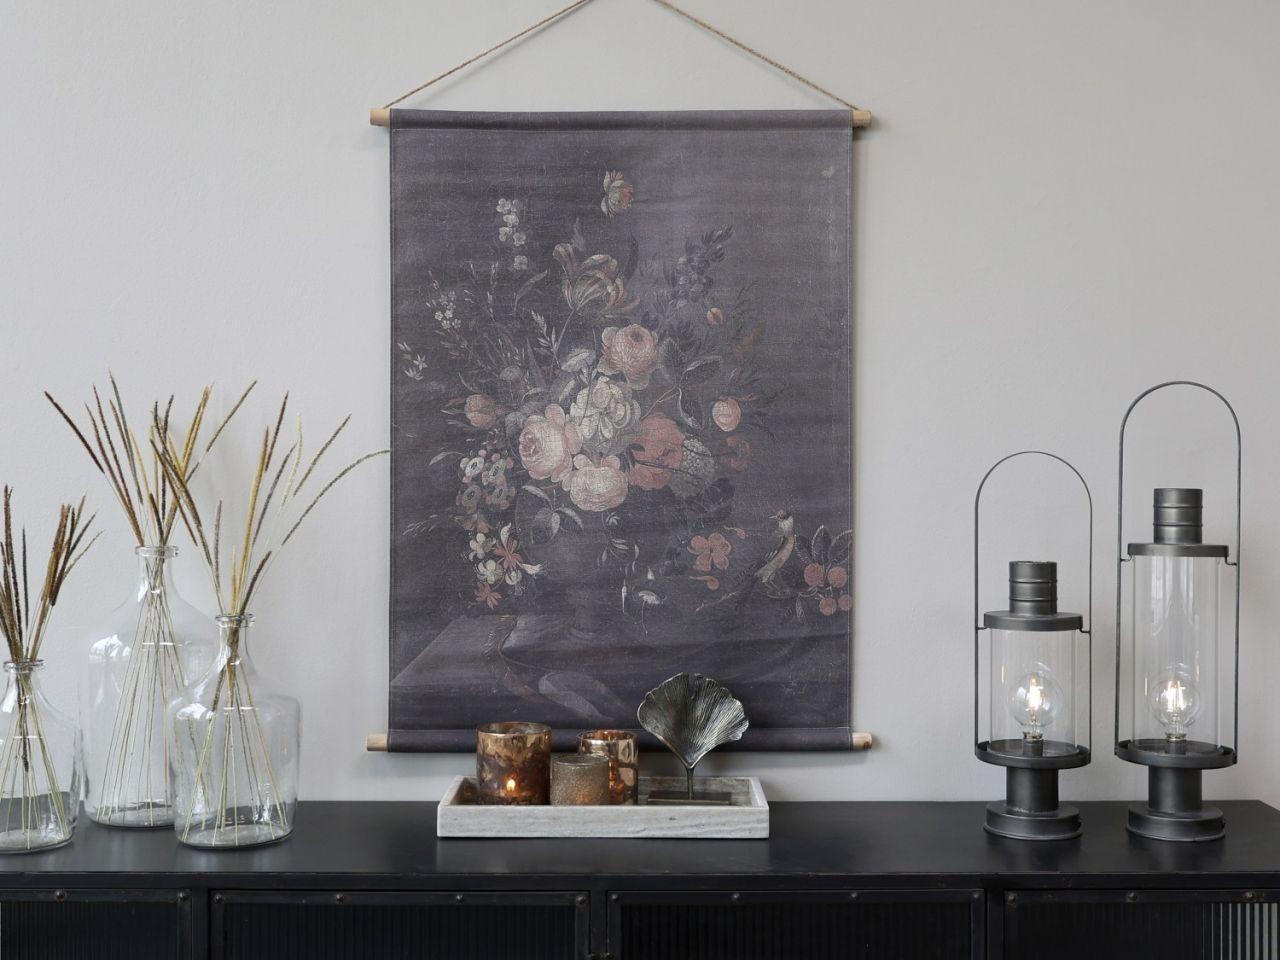 -Leinwandbild zum Aufhängen mit Blumendruck Variante 1k von Chic Antique-